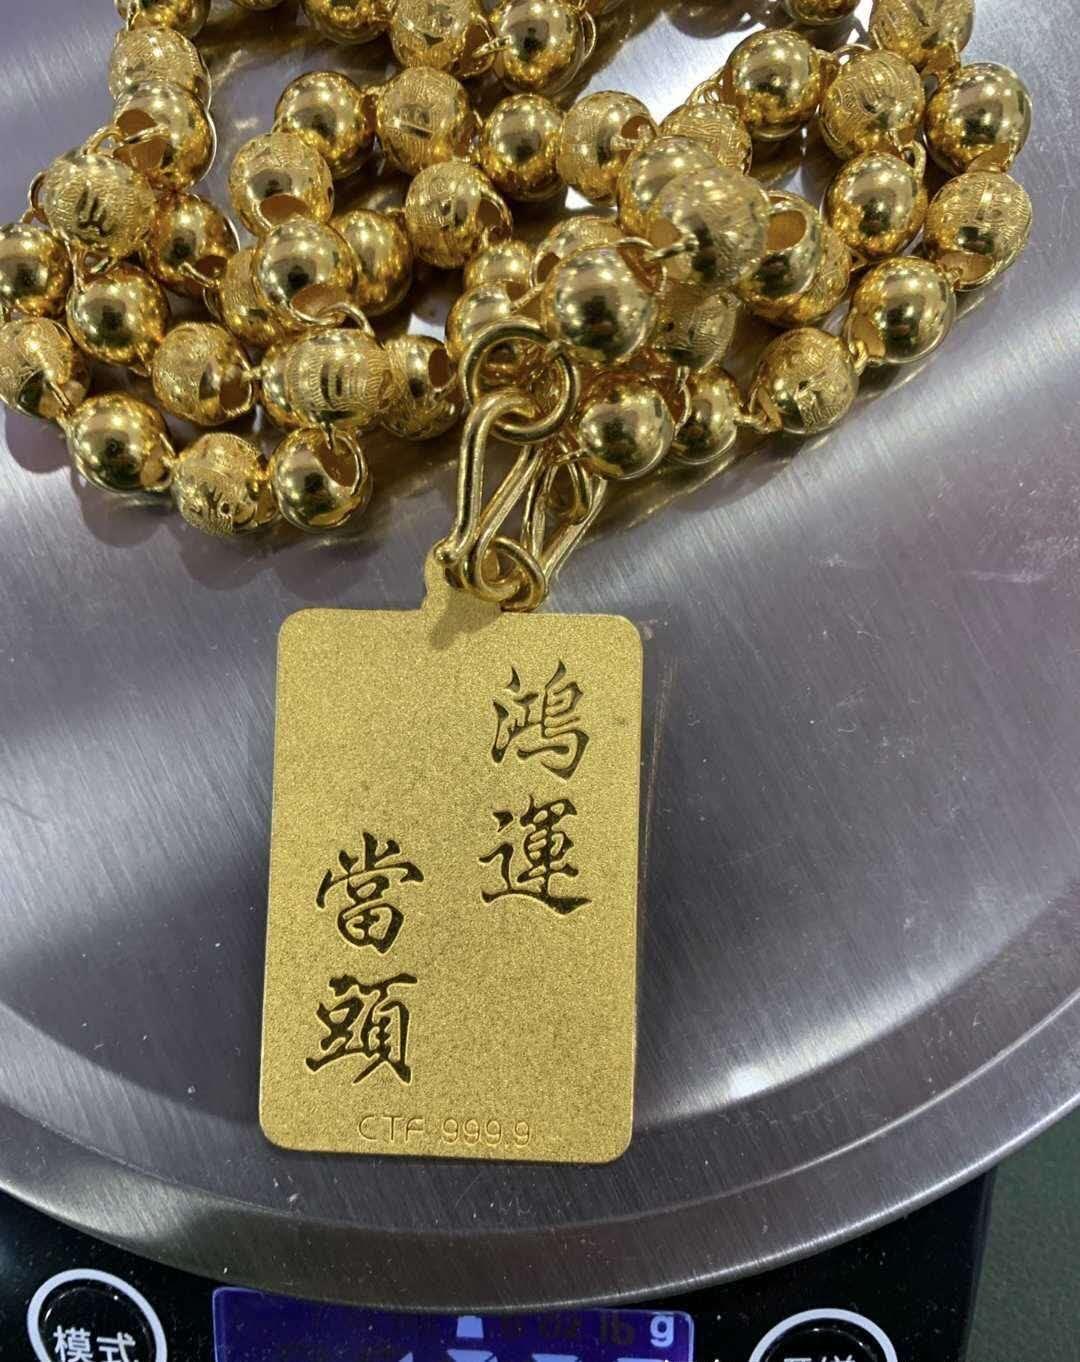 大港区哪里有收黄金的,大港区卖黄金的地方回收黄金吗?